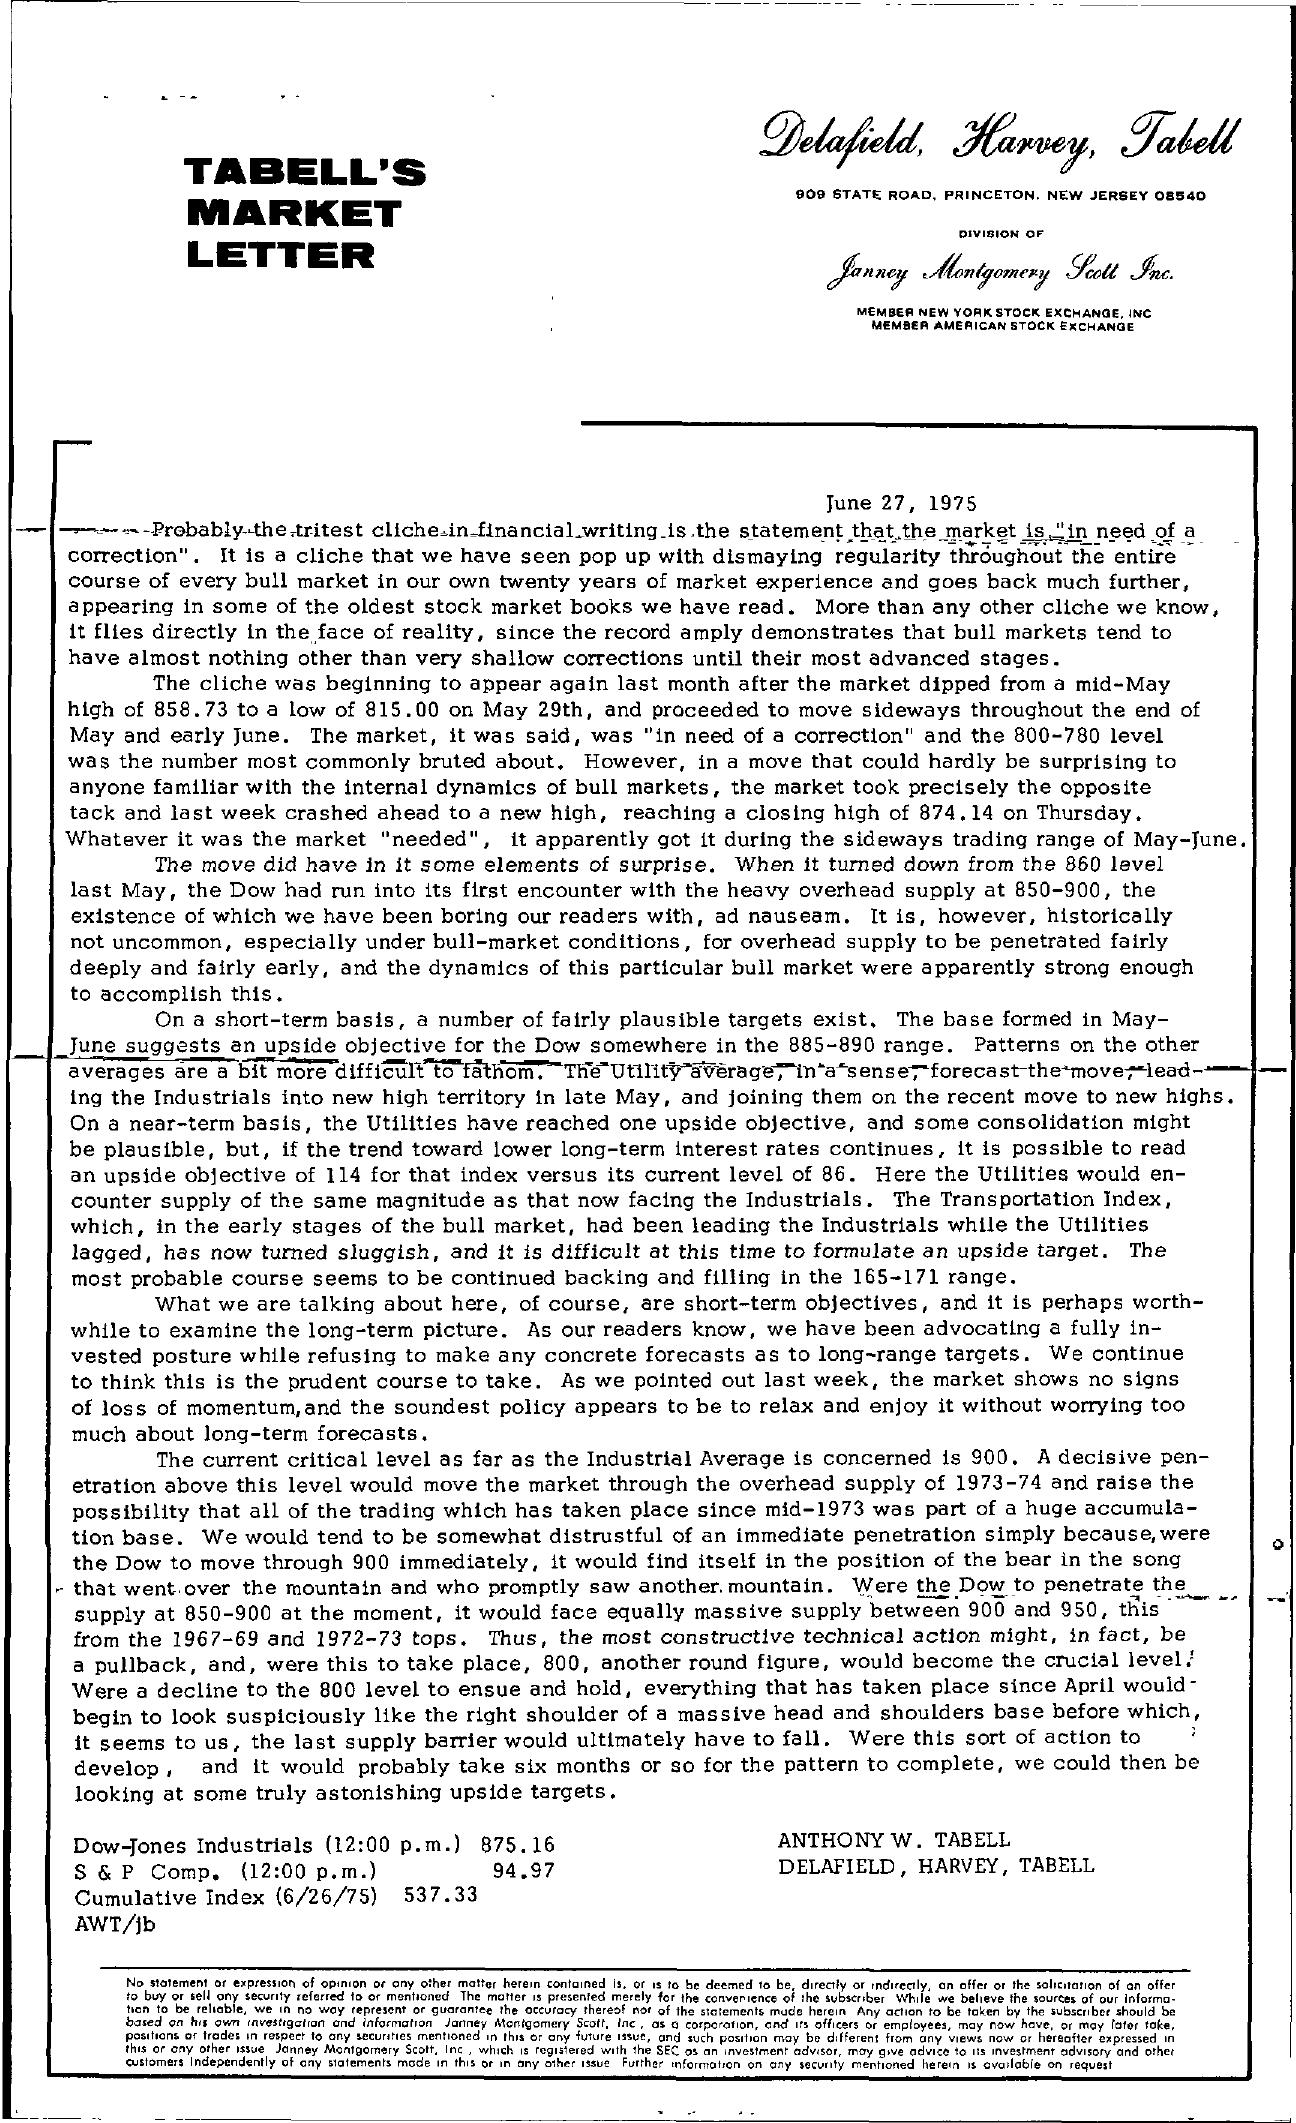 Tabell's Market Letter - June 27, 1975